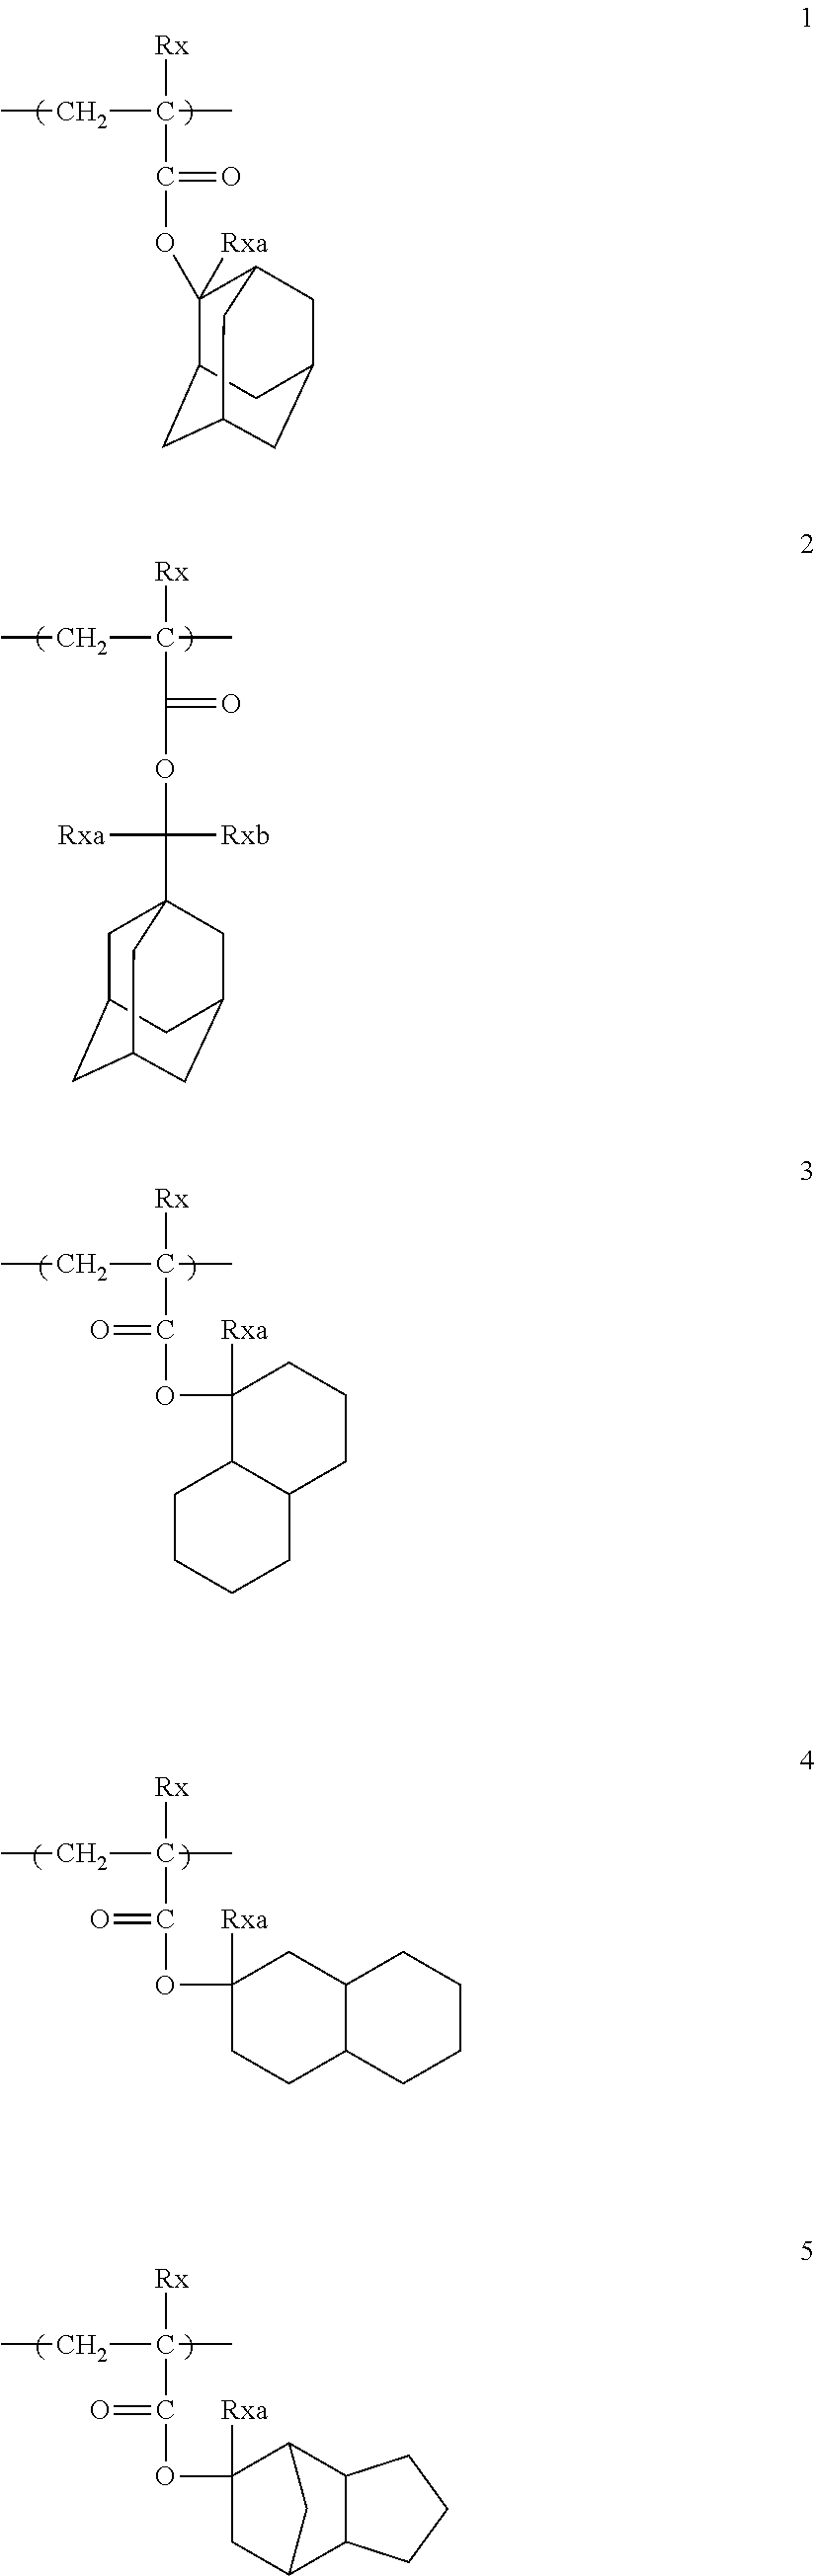 Figure US20110183258A1-20110728-C00030